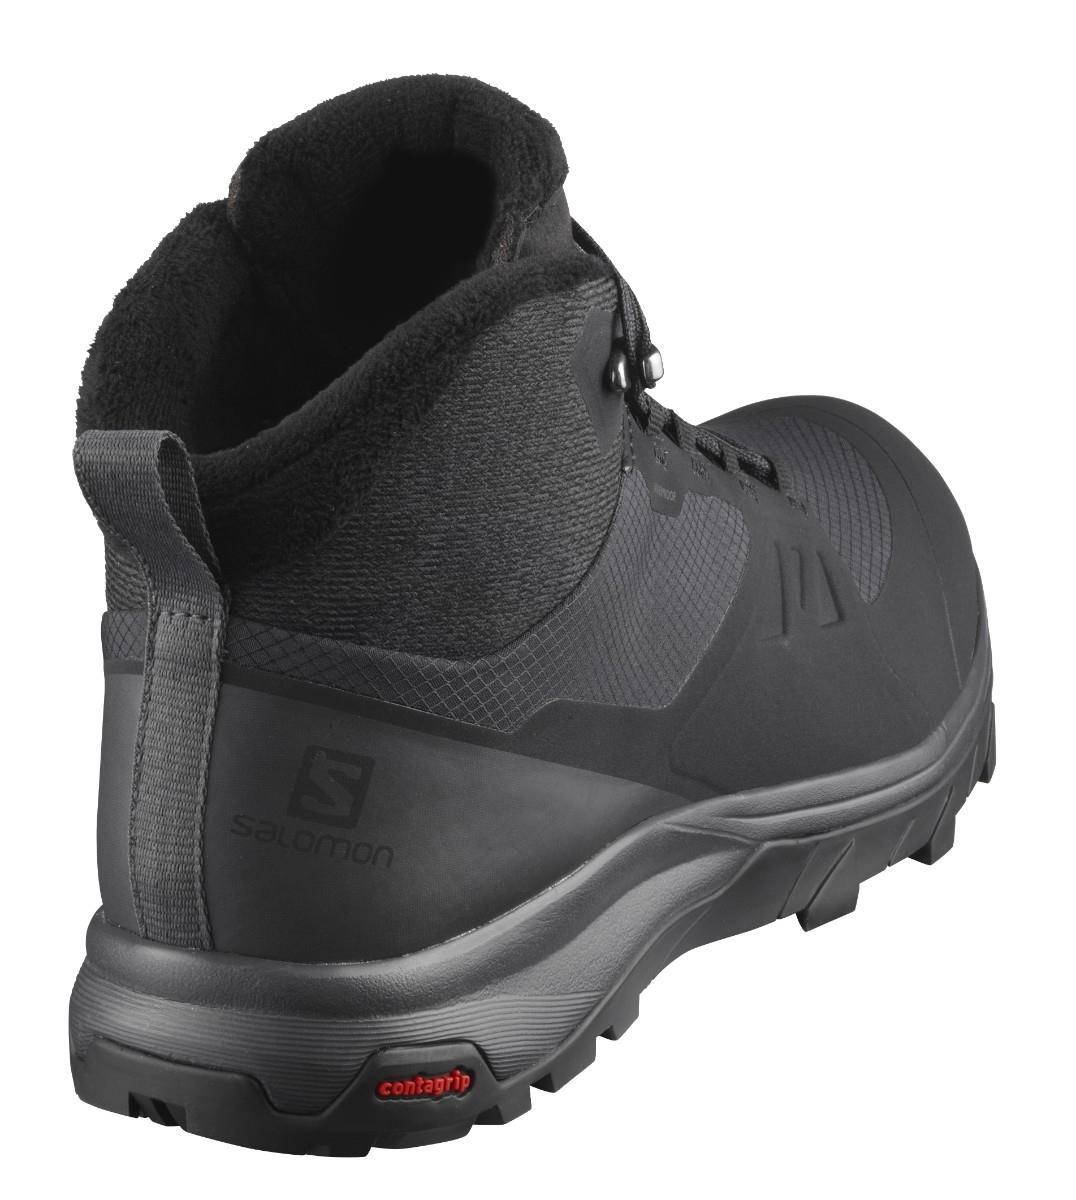 Salomon OUTsnap CSWP W Kadın  Ayakkabısı L41110100